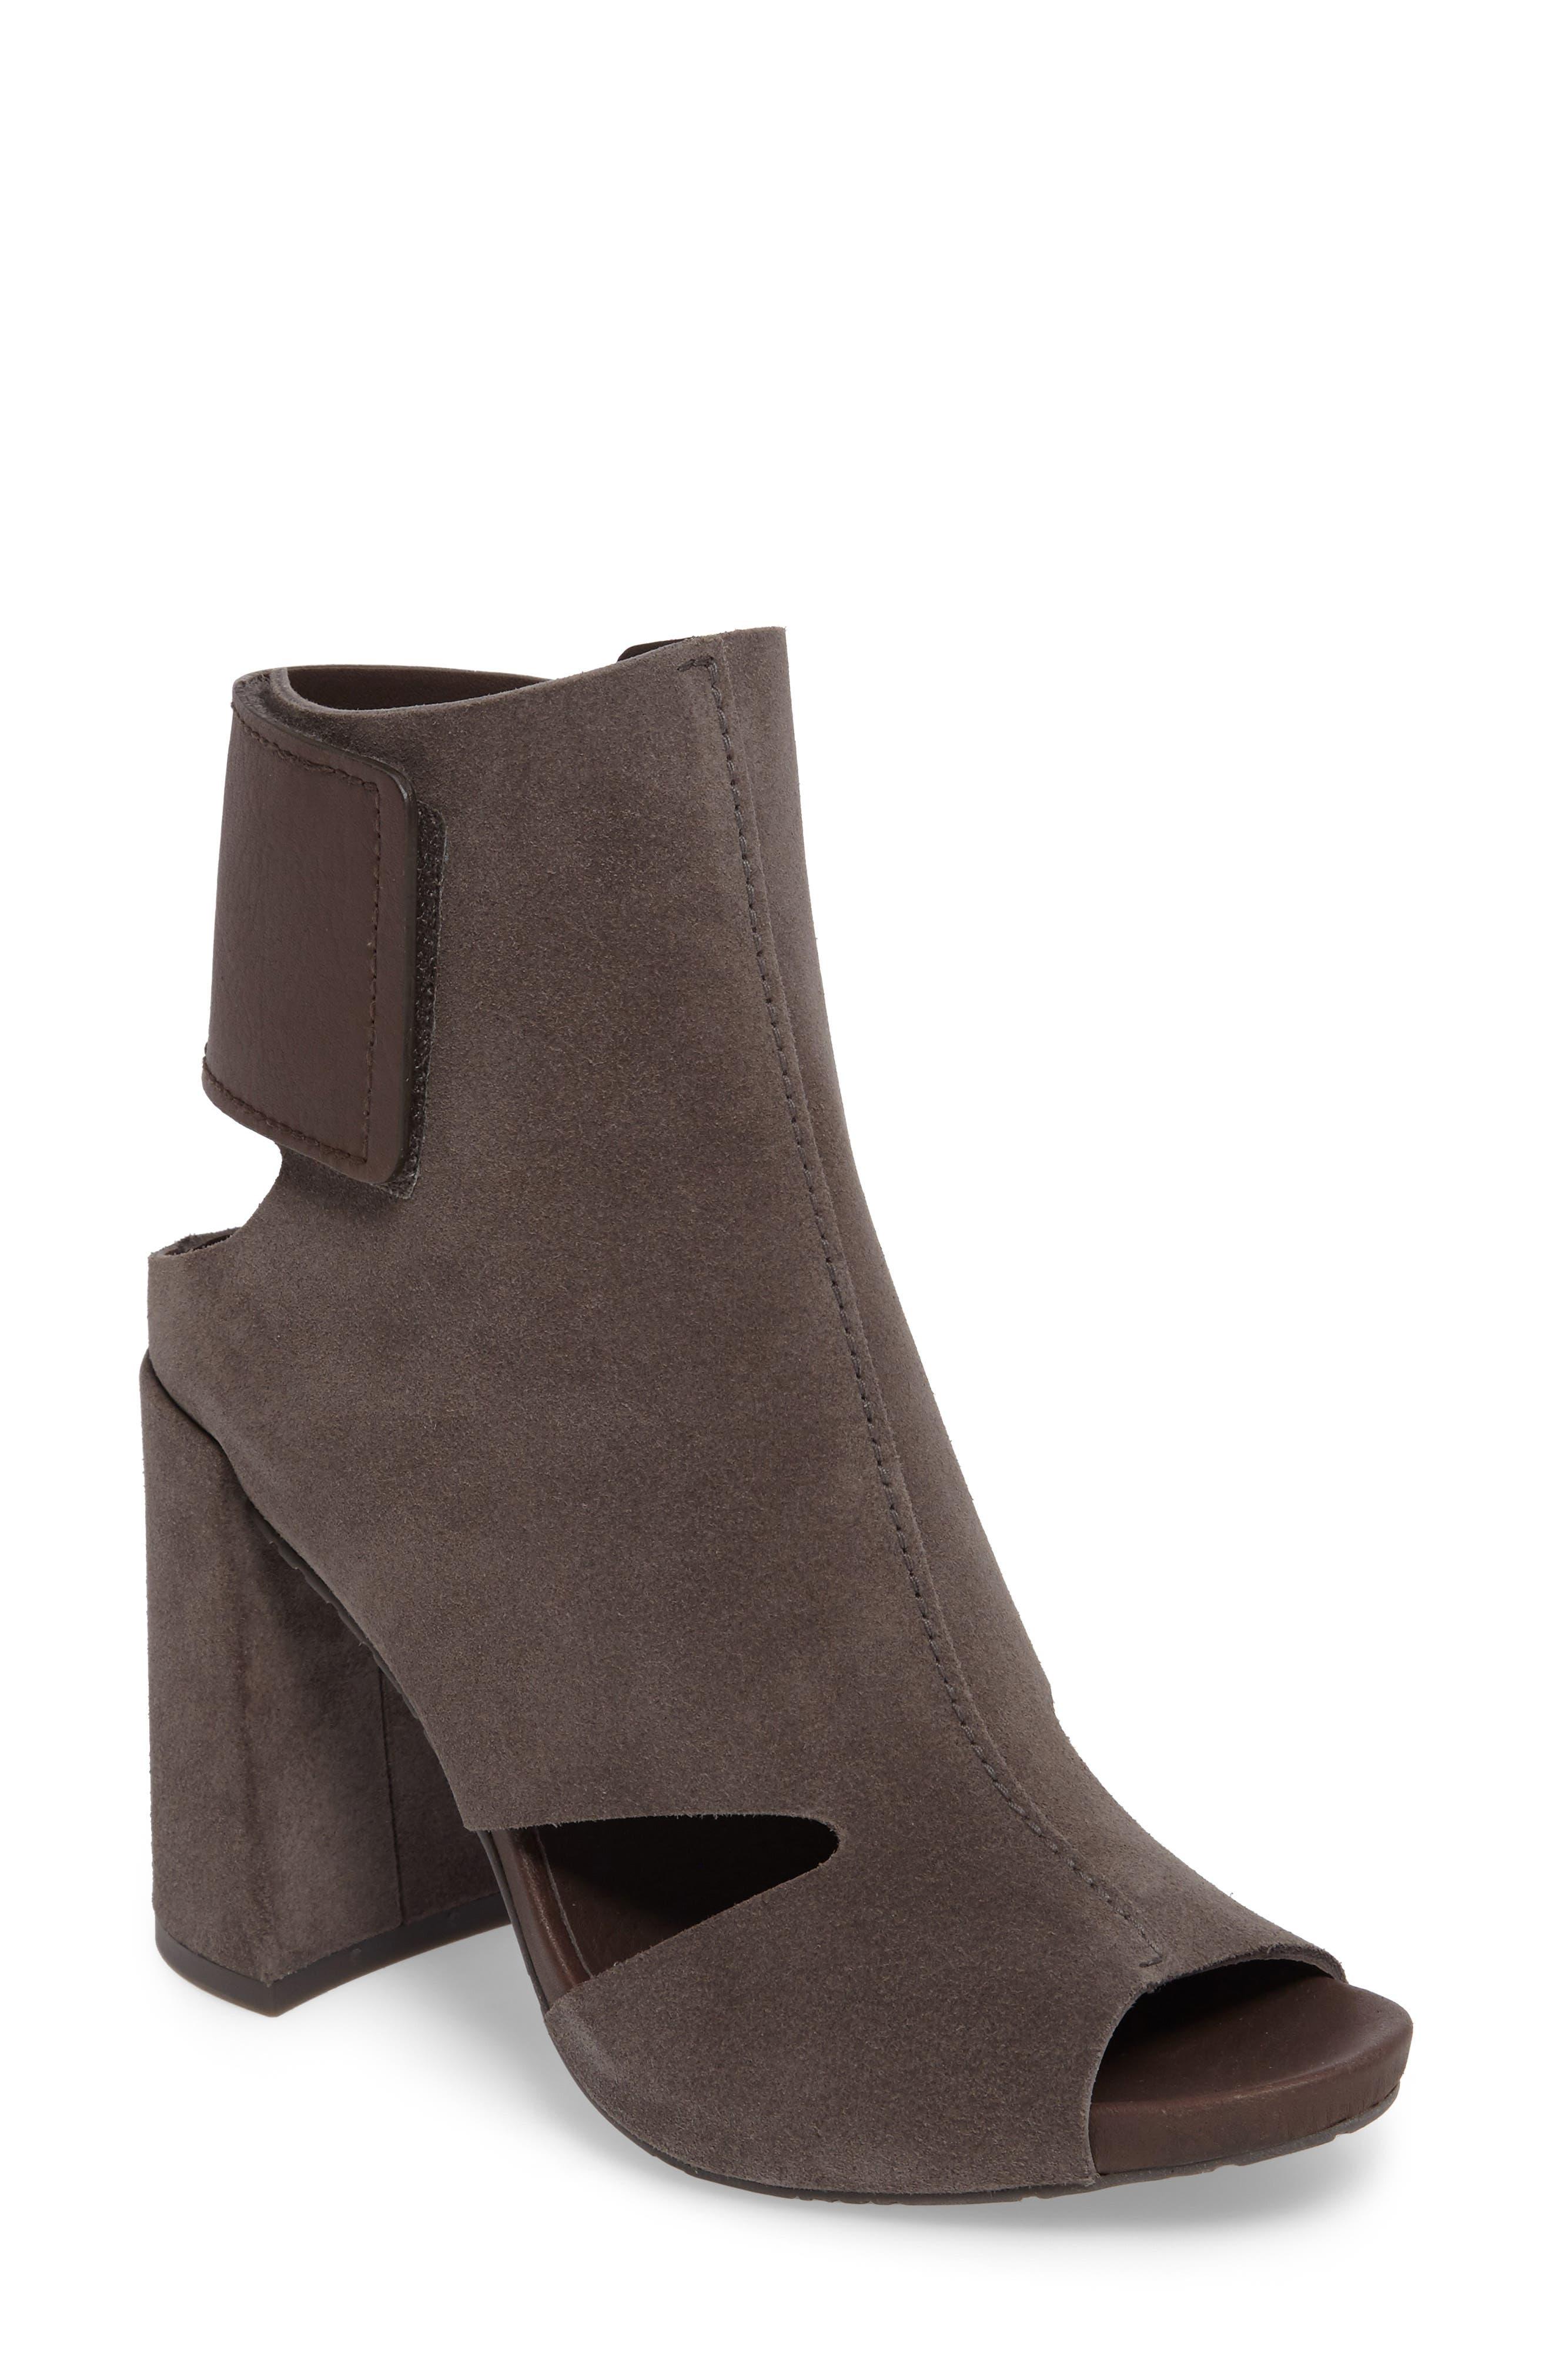 Yeca Block Heel Bootie,                         Main,                         color, 020